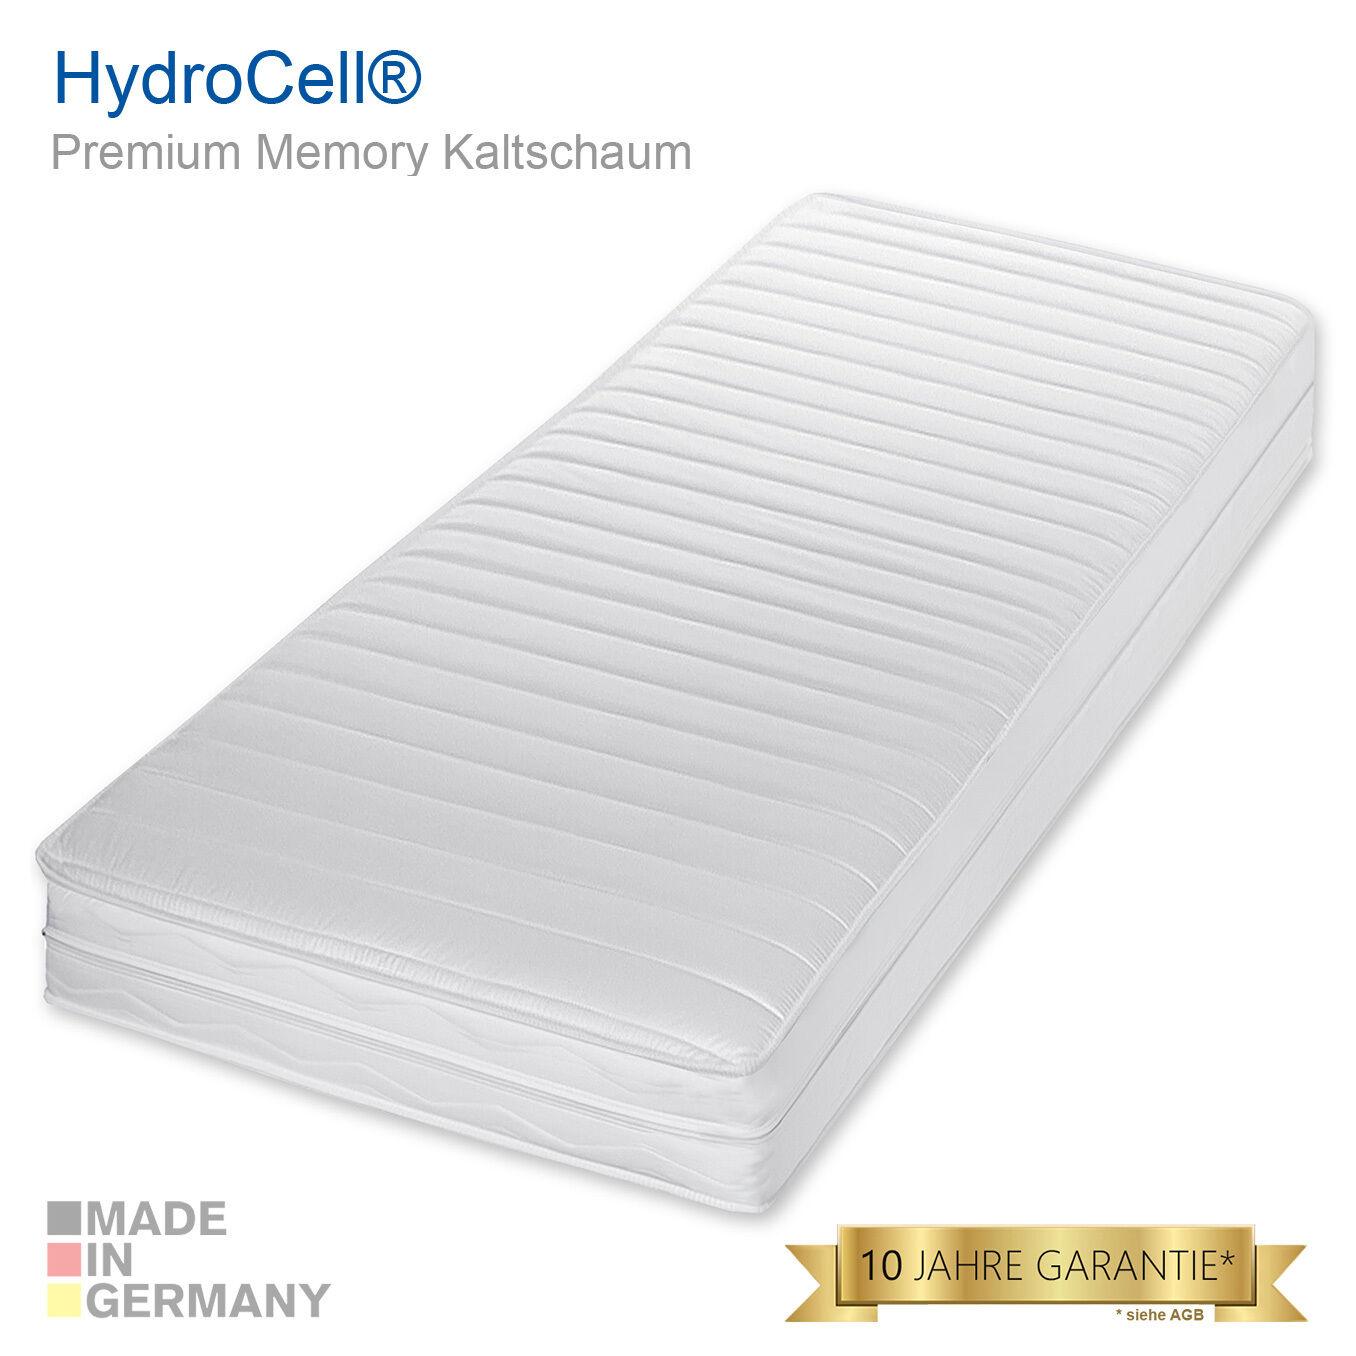 7 Zonen Memoryelastische Premium Kaltschaum Komfort Plus Matratze 90x200 H2